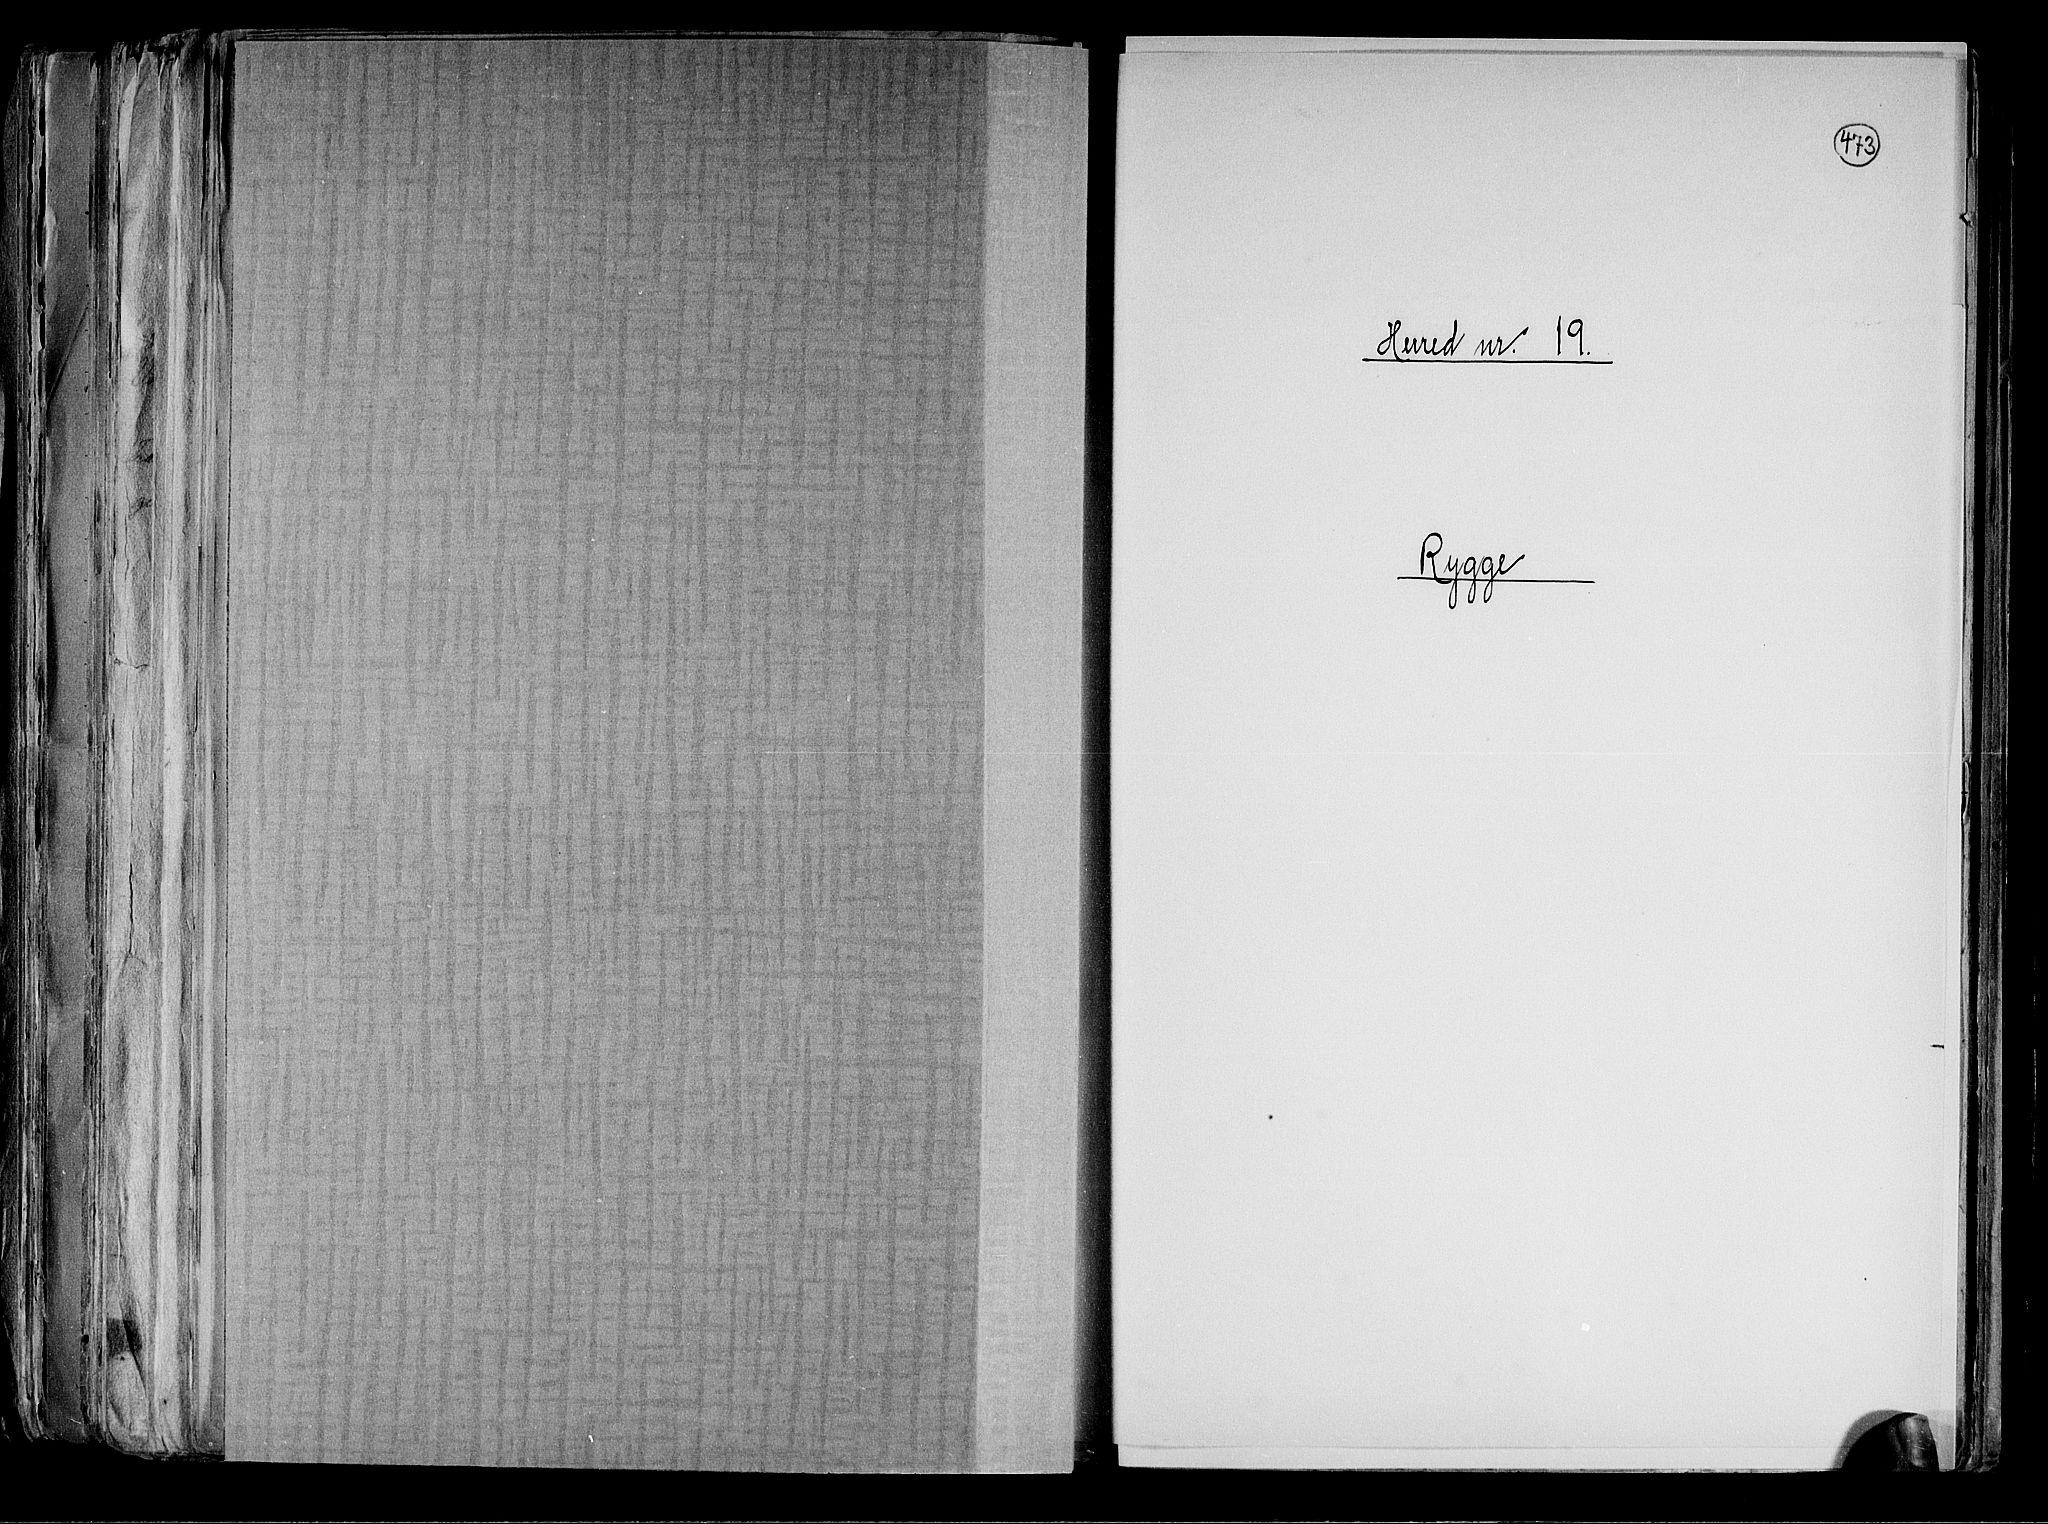 RA, Folketelling 1891 for 0136 Rygge herred, 1891, s. 1